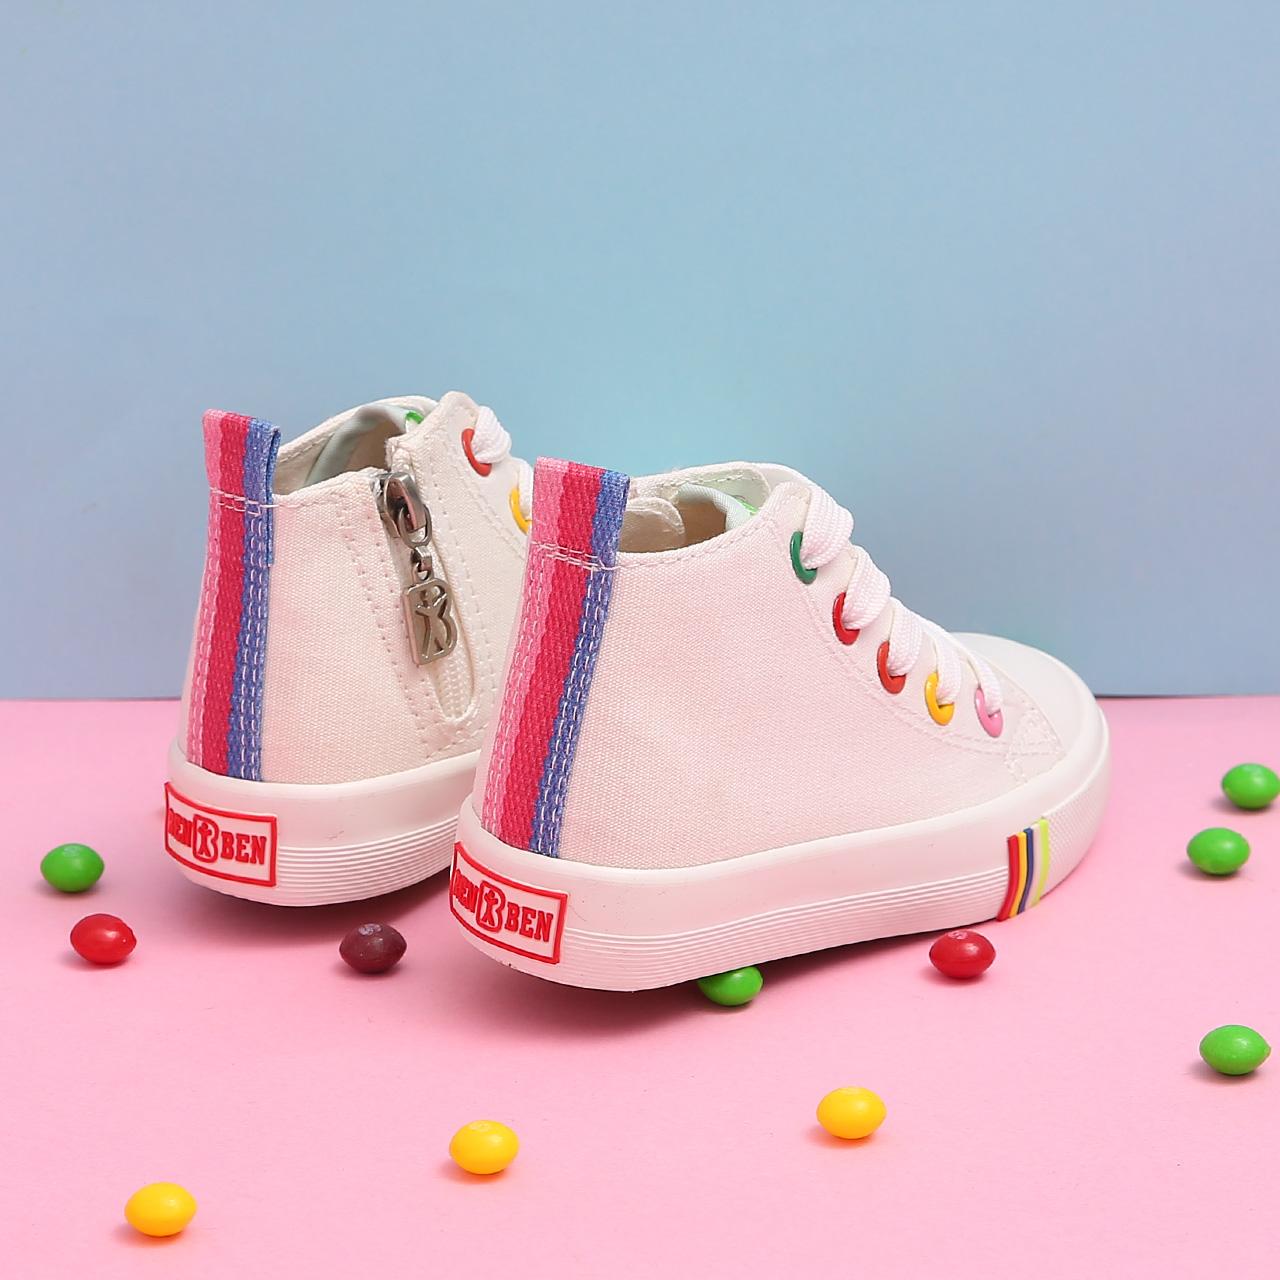 人本帆布鞋儿童高帮布鞋女童小白鞋男童鞋子秋季新款童鞋百搭板鞋